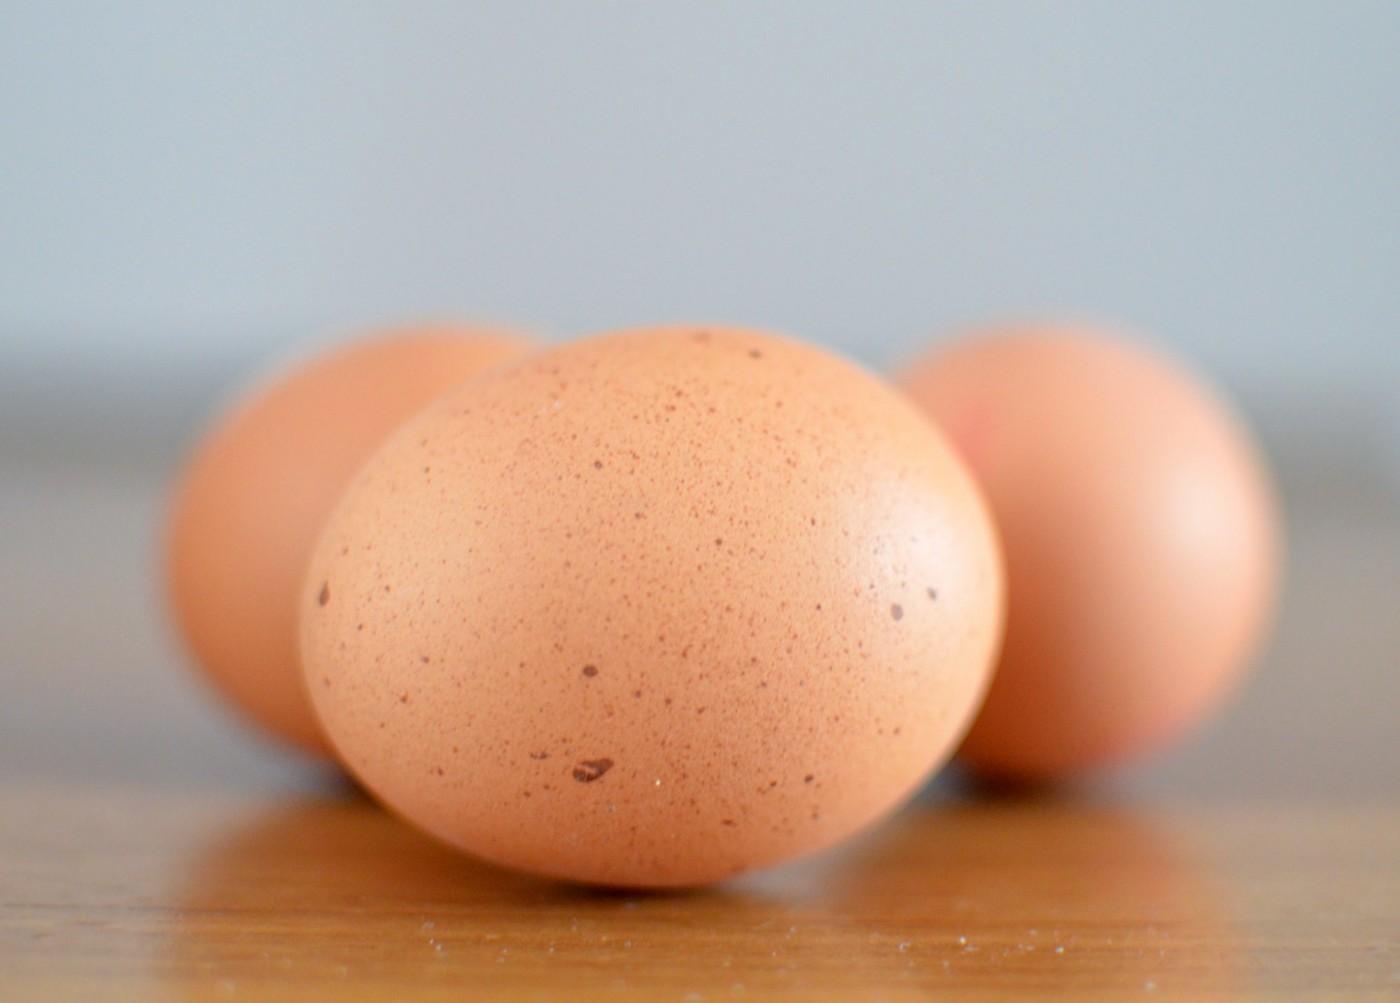 每小時產38萬顆!台灣第一座世界級蛋品廠動工,引入日本哪5大專業技術?